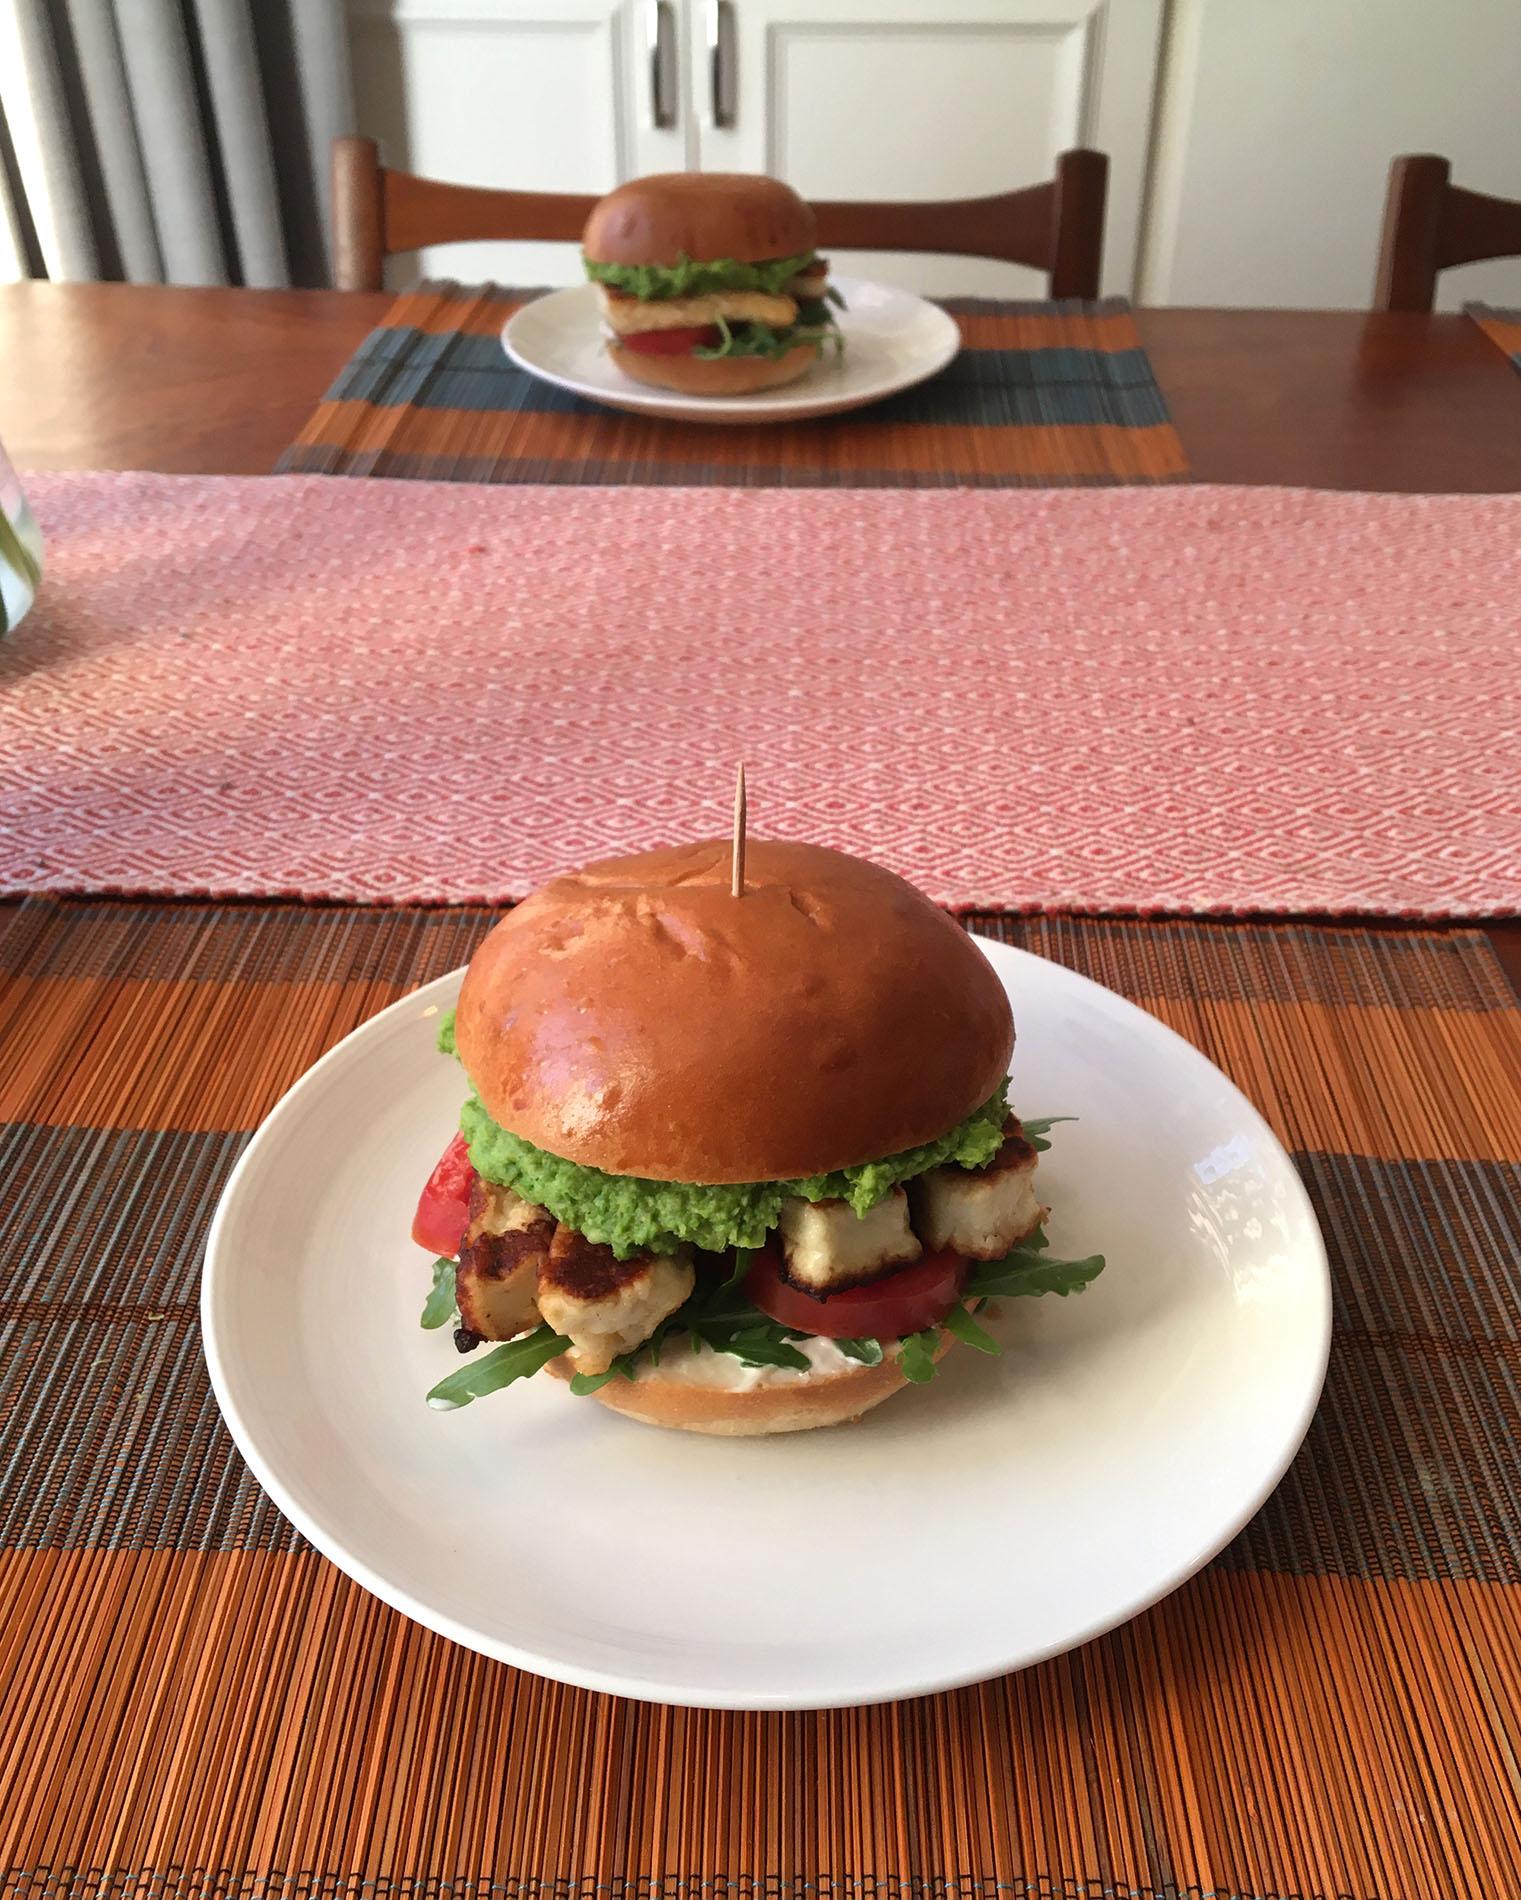 Original Halloumi Burger